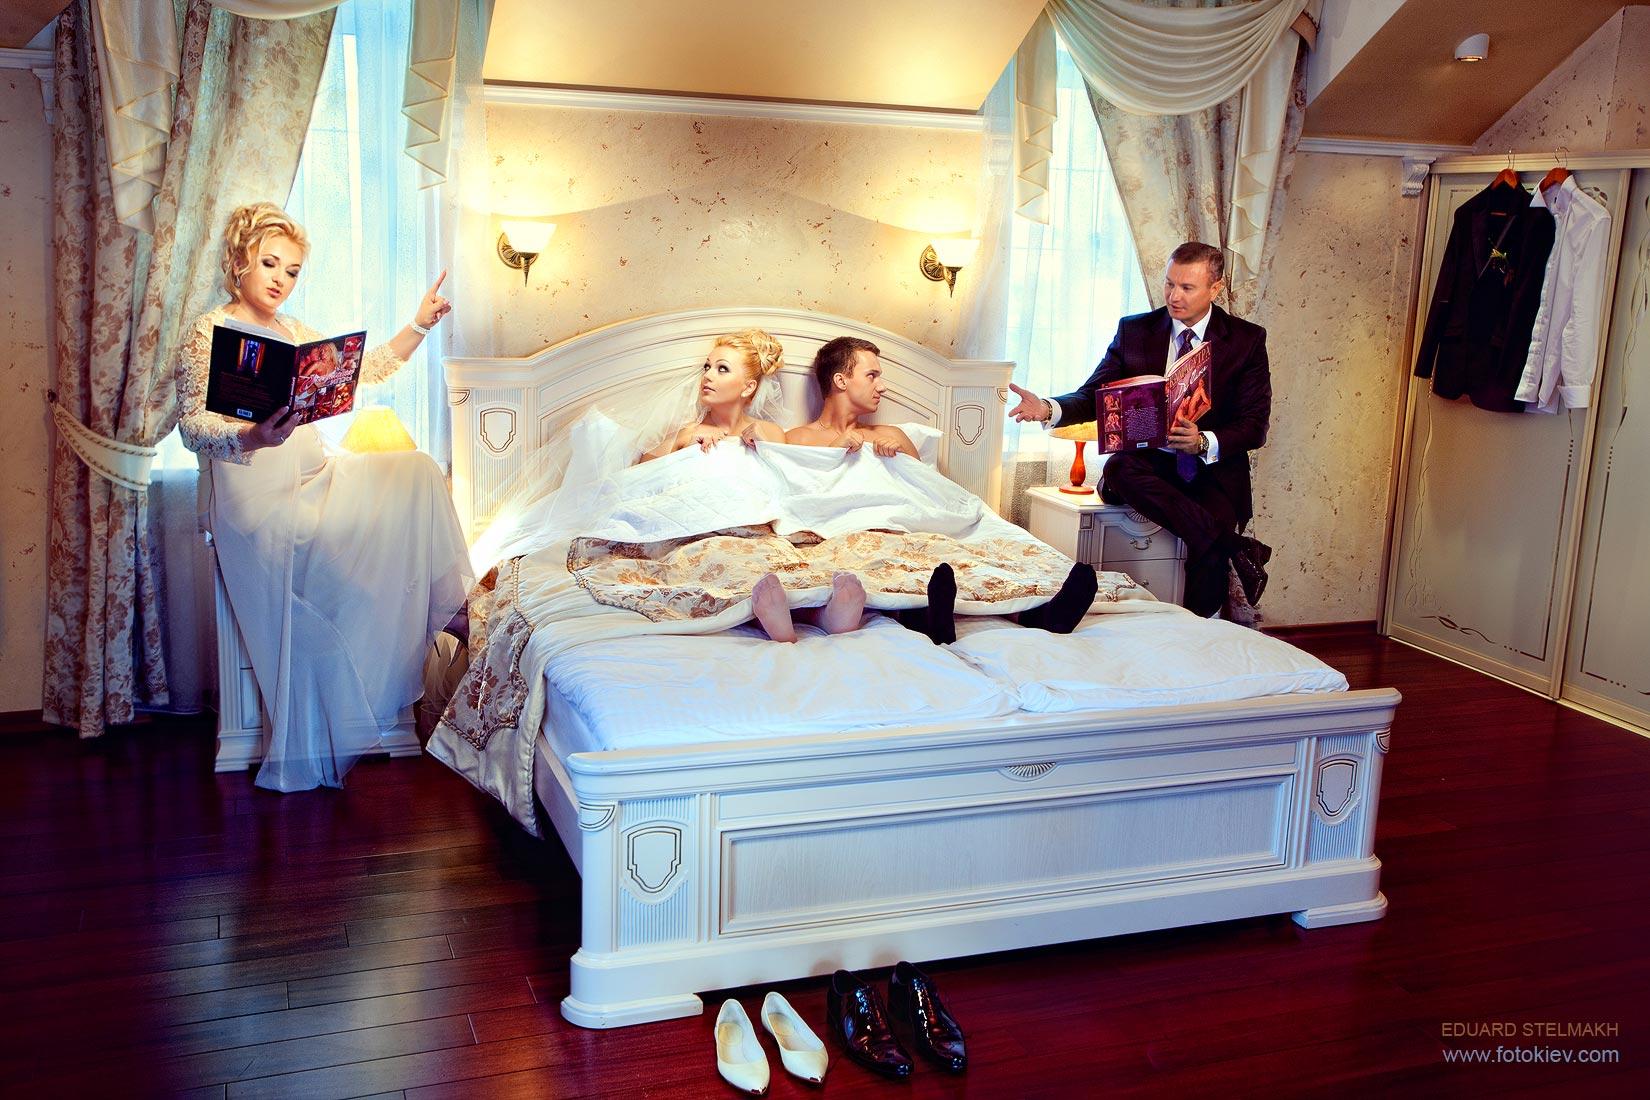 Фото из семейной постели 6 фотография